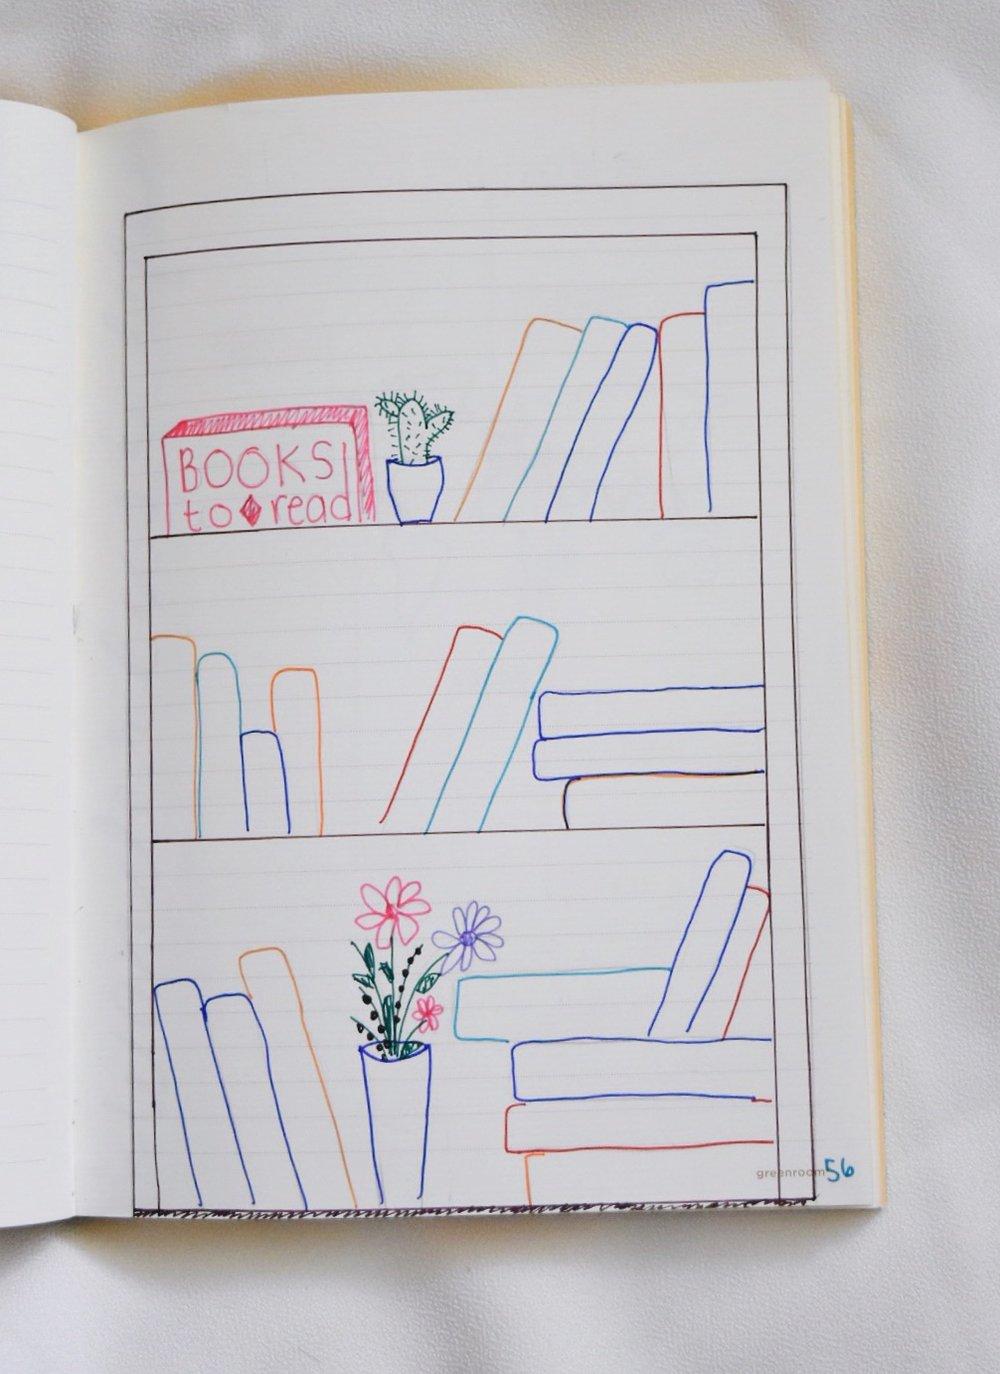 10 - Books.jpg